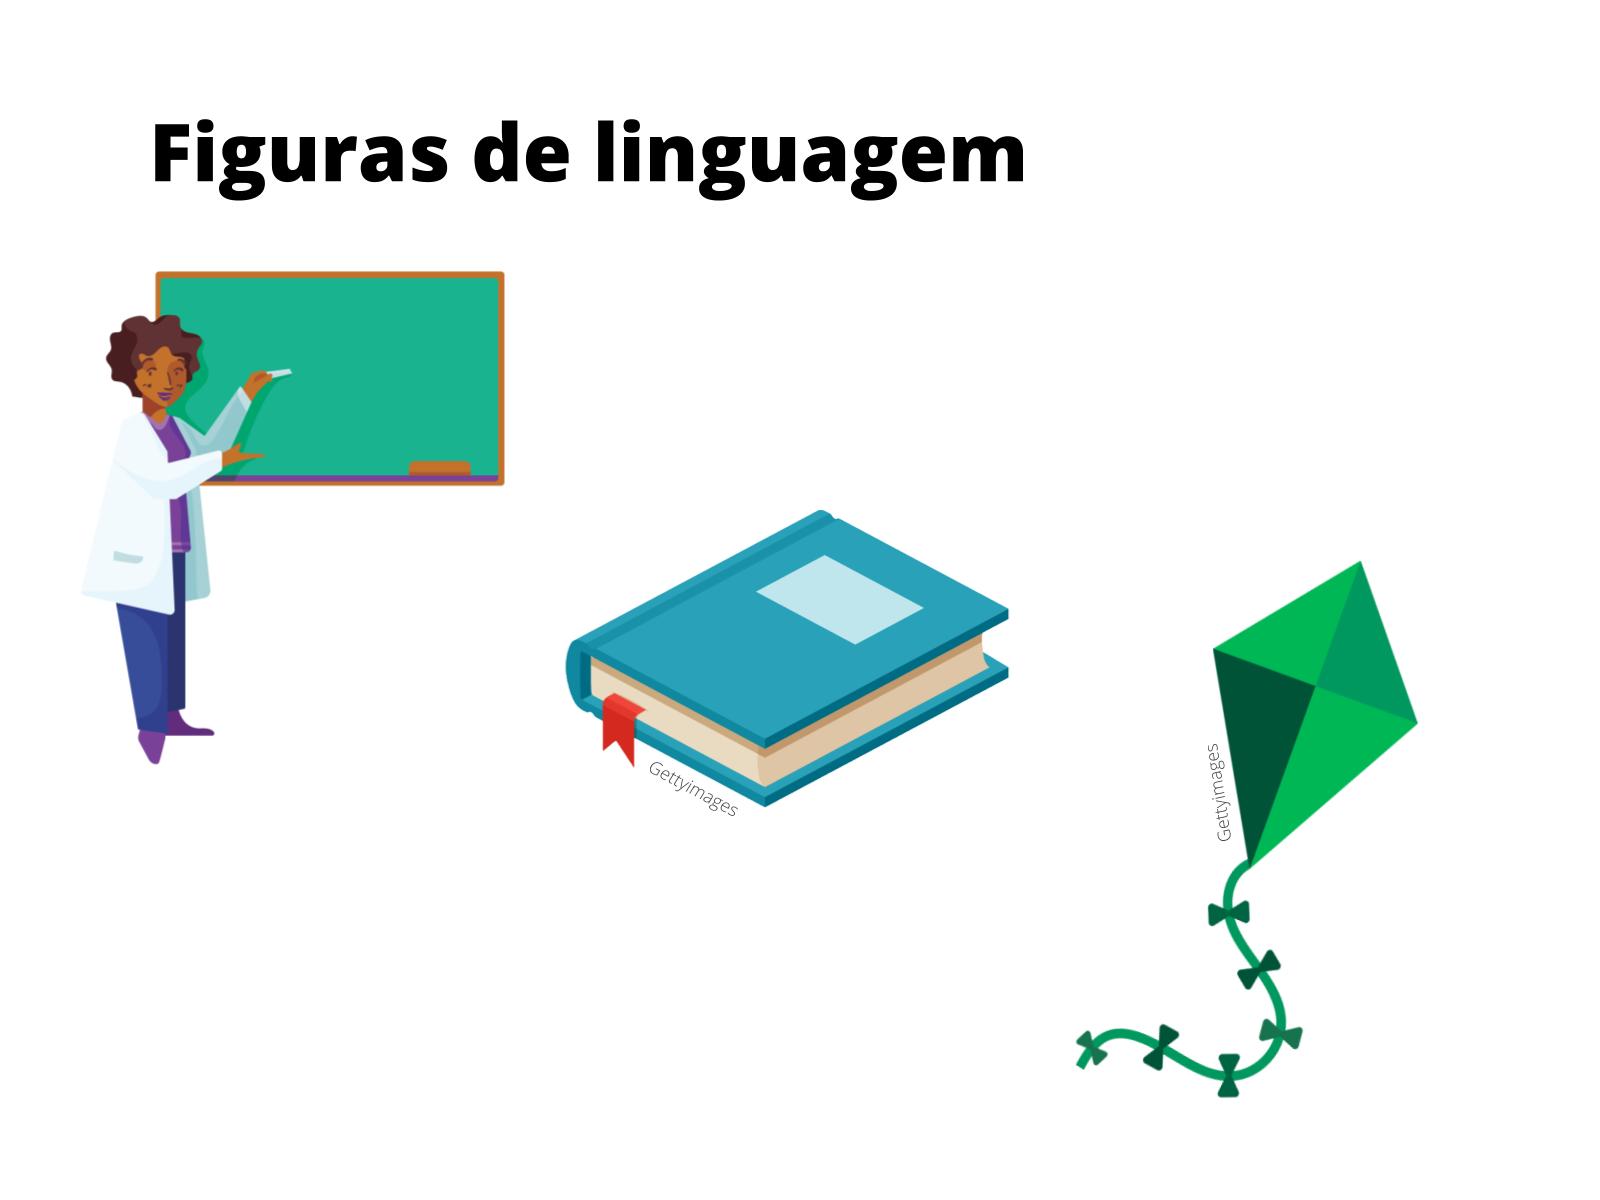 Conhecendo algumas figuras de linguagem